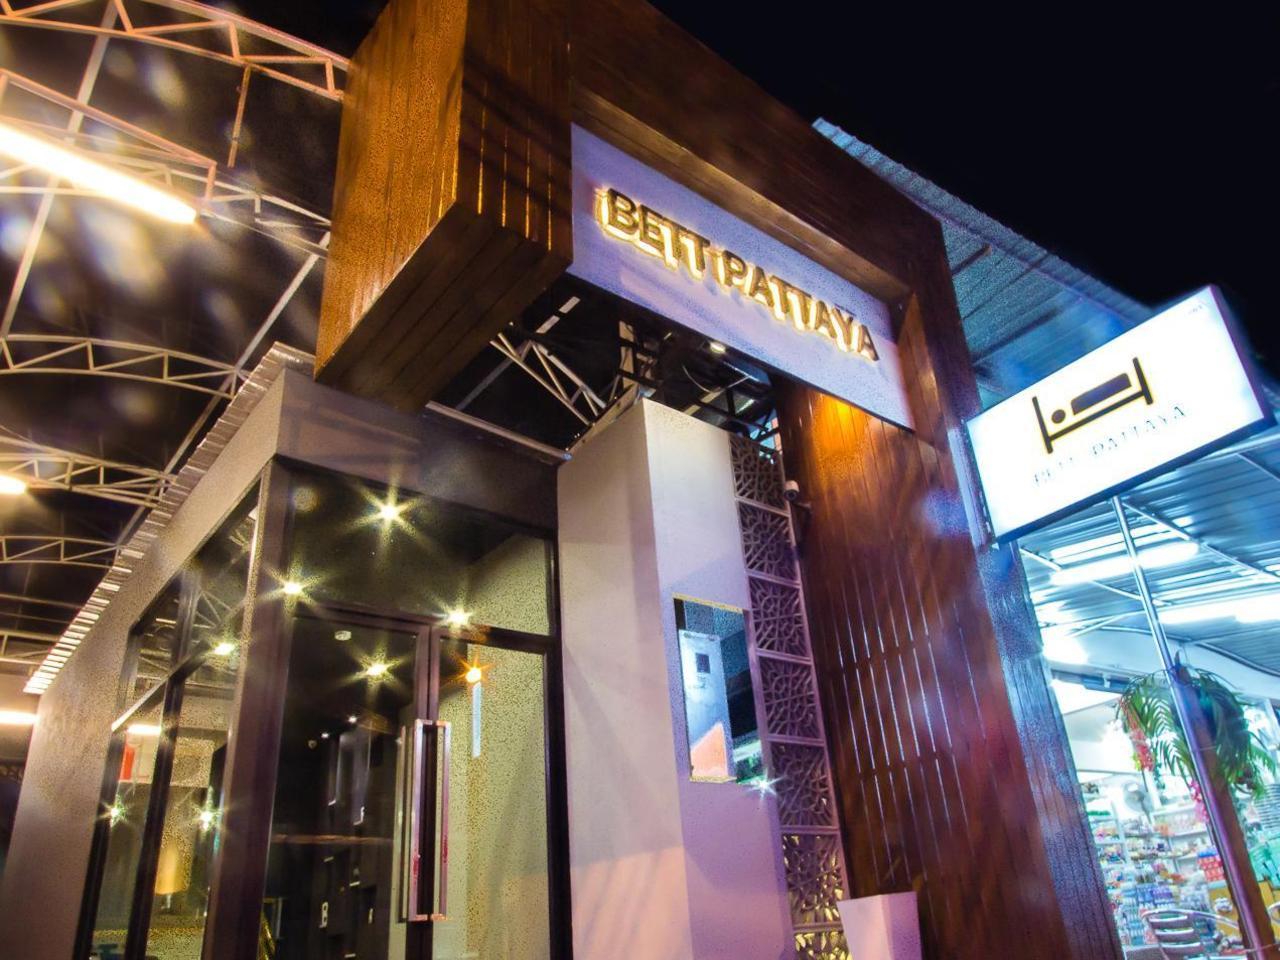 โรงแรมเบท พัทยา (Bett Pattaya Hotel)